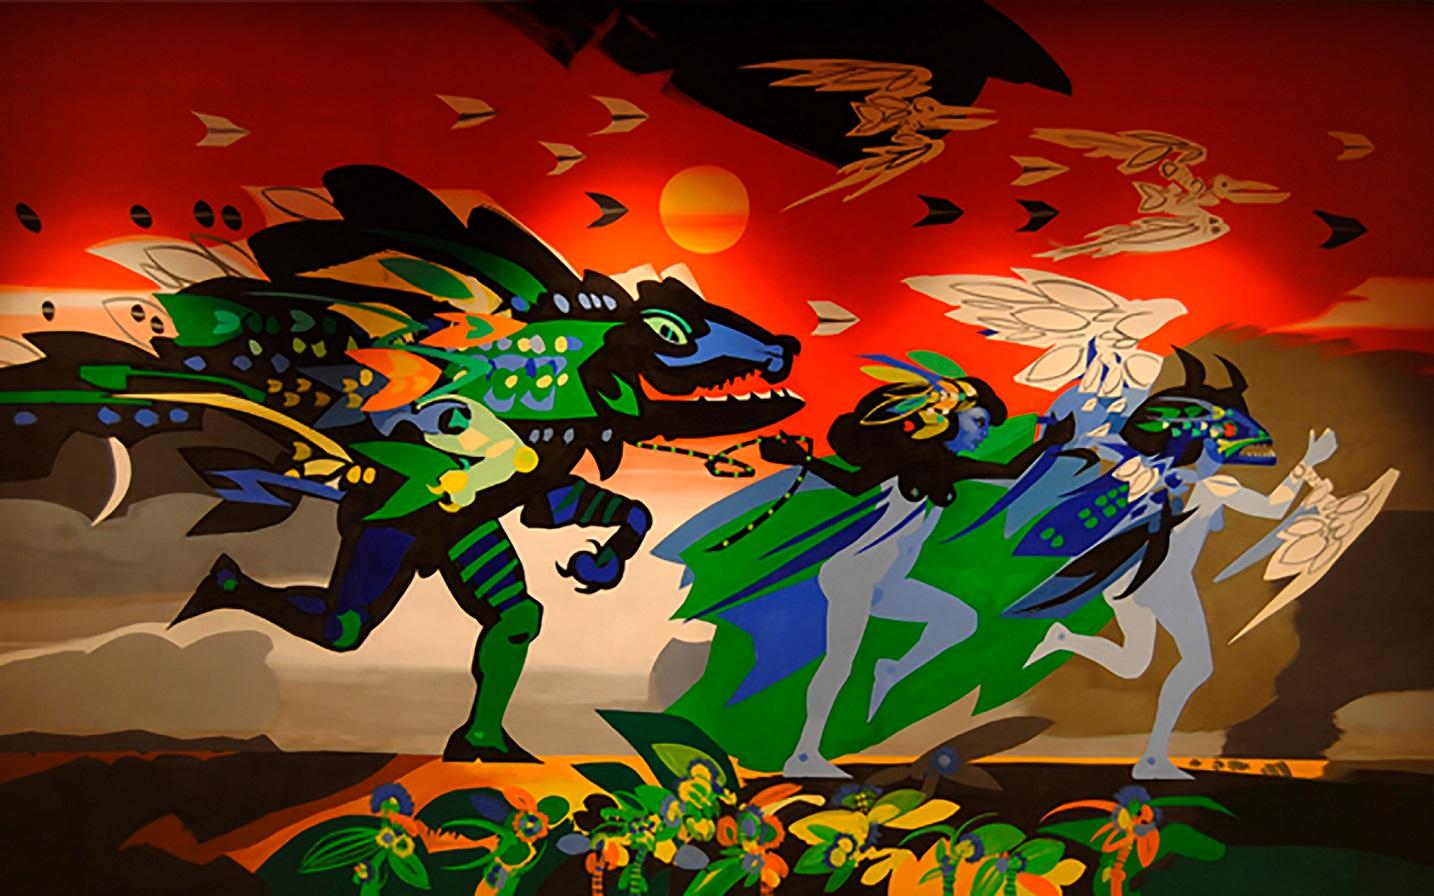 Telón de boca del Teatro Amira de la Rosa de Barranquilla. Obra 'Se va el caiman', de Alejandro obregon. Foto: Katherine Castillo Rolong - Banco de la República